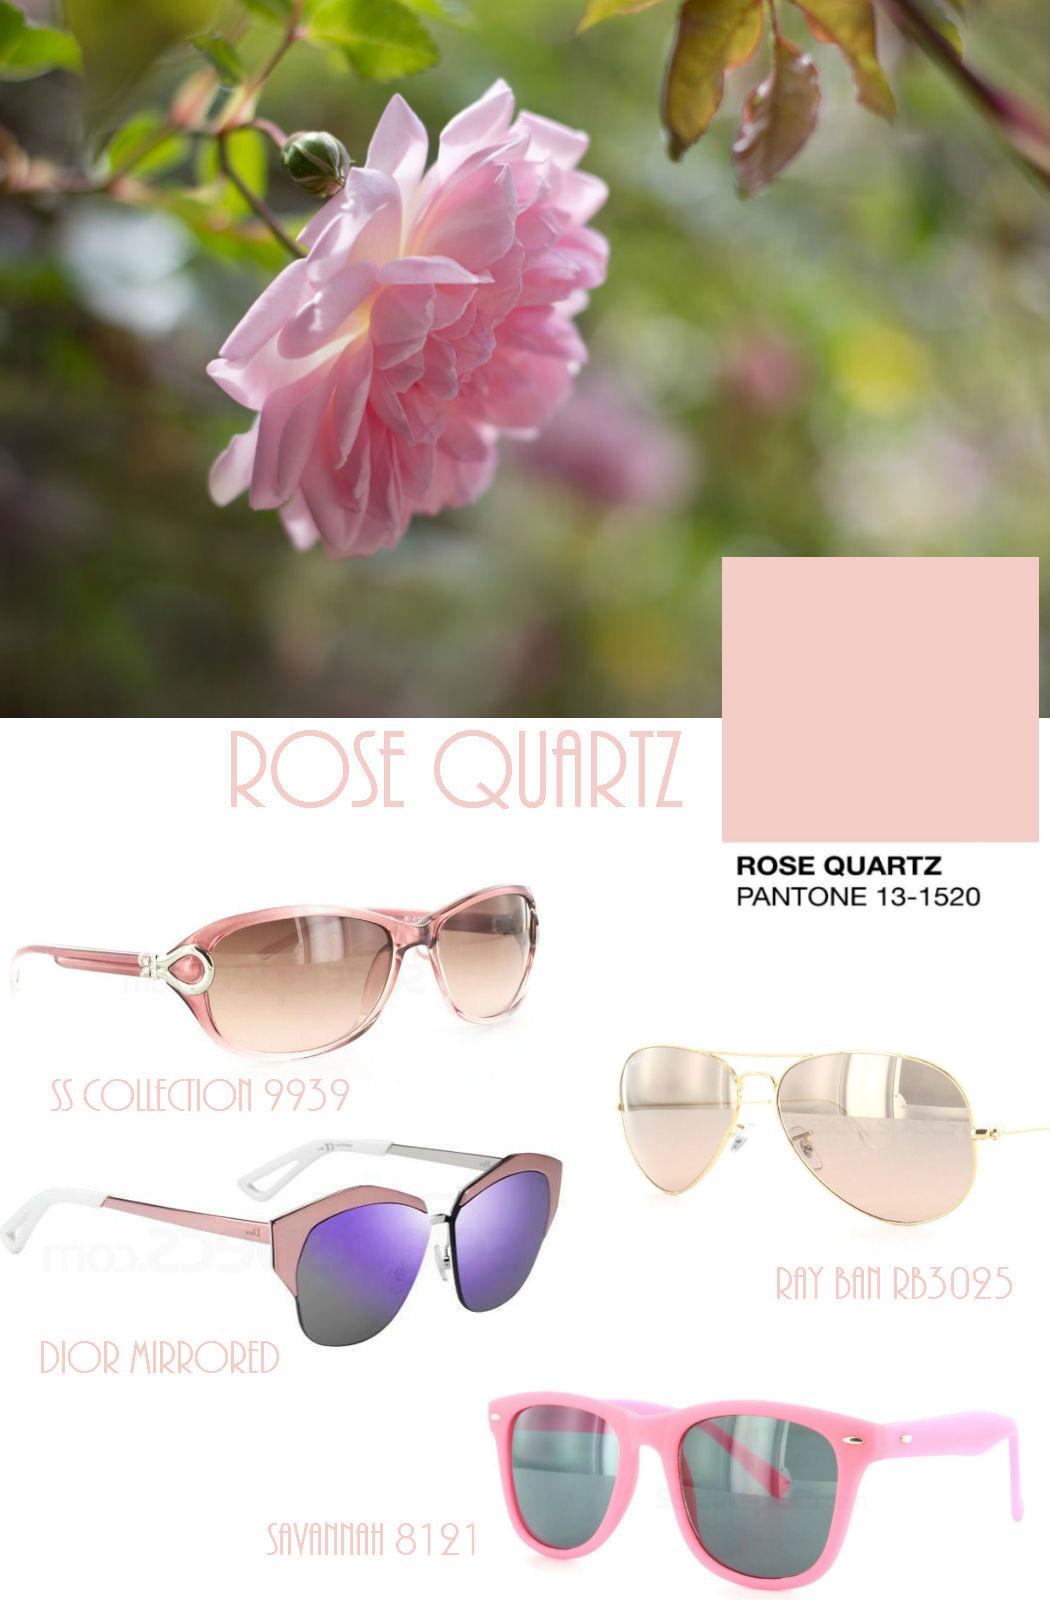 Pantone Rose Quartz sunglasses